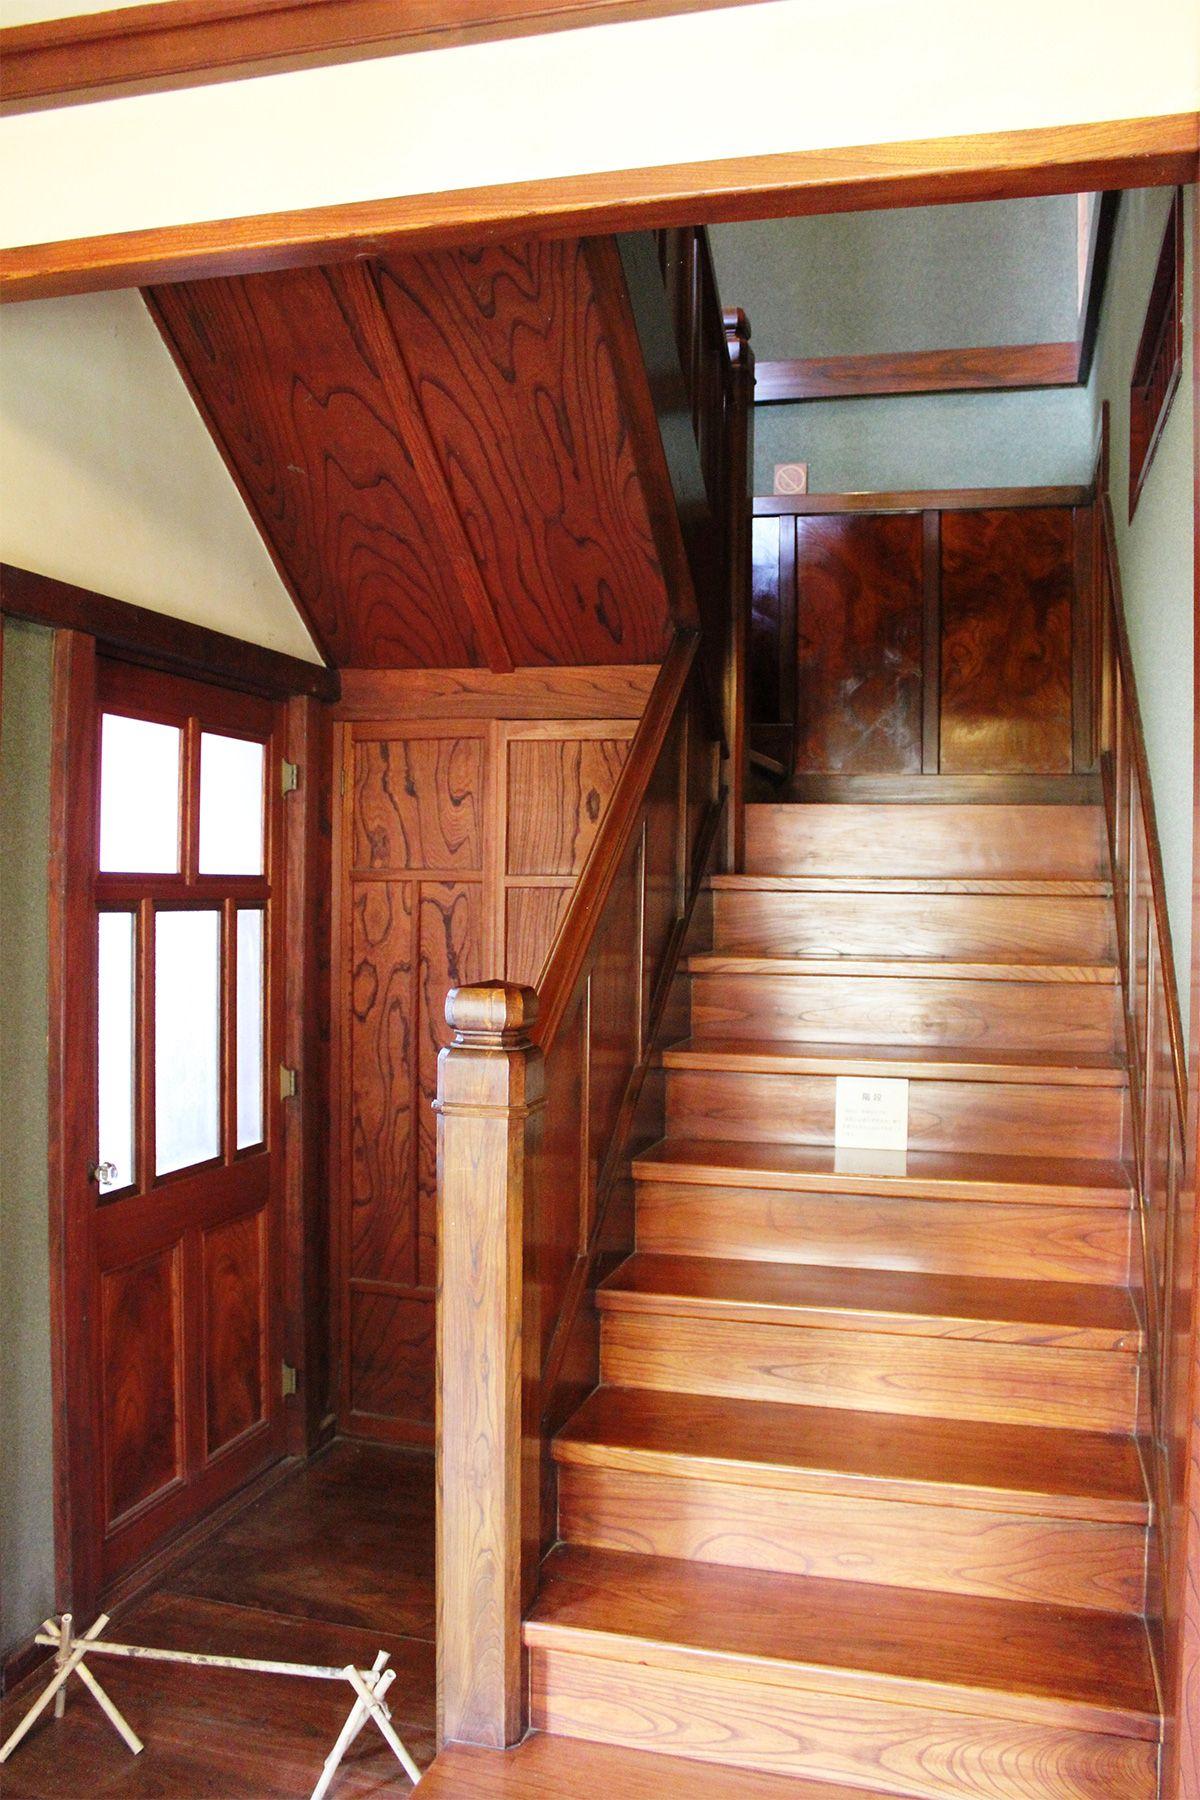 矢中の杜/旧矢中邸 国登録有形文化財 (やなかのもり)別館 ケヤキ造り階段